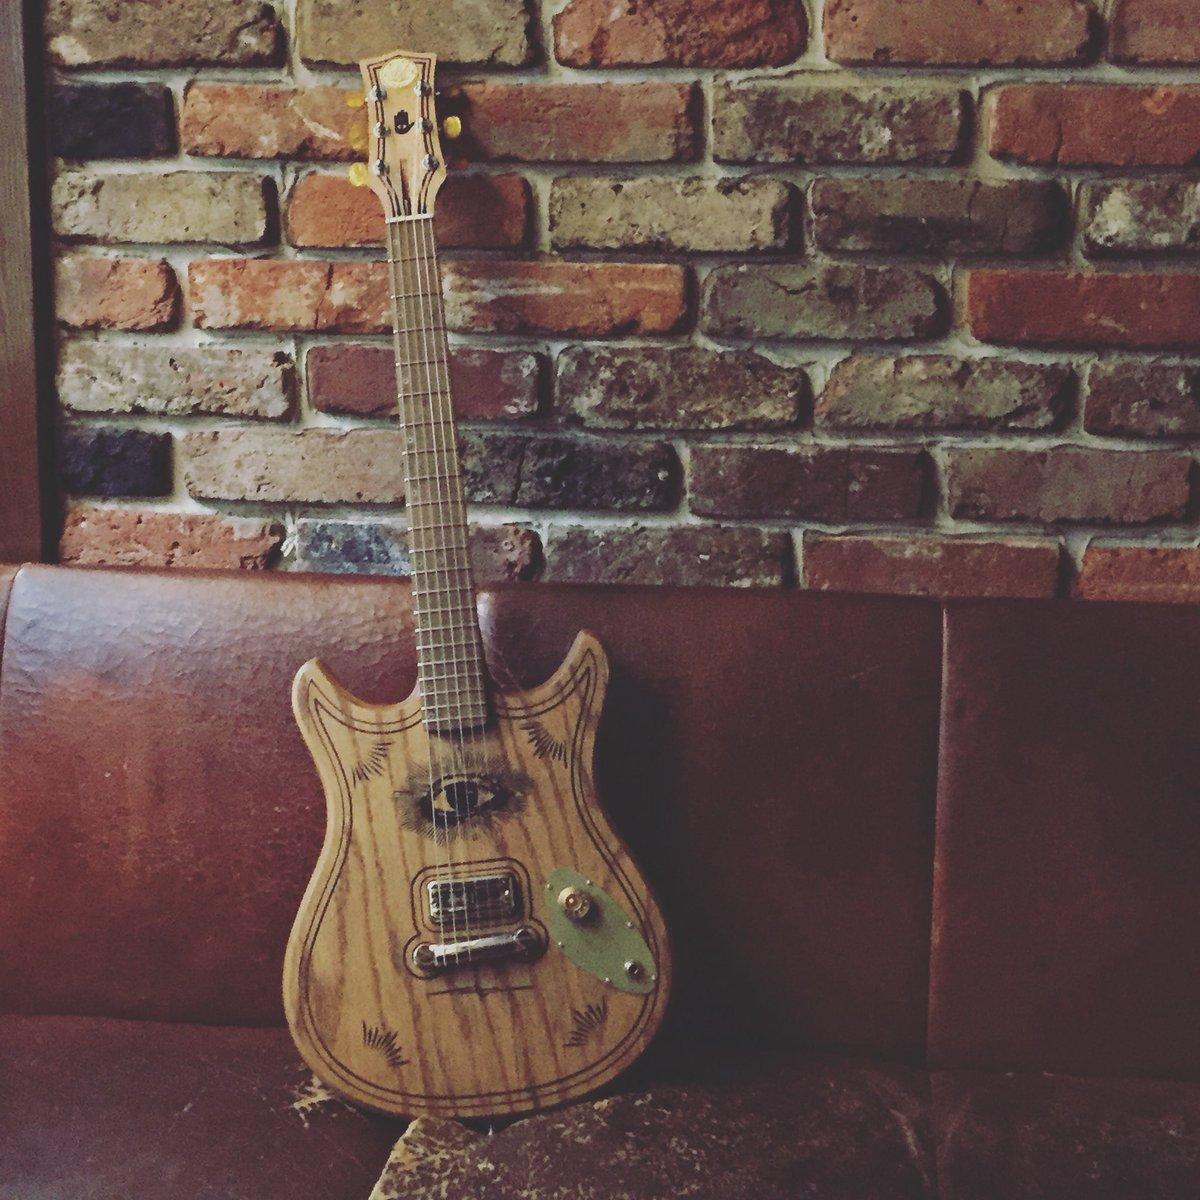 そしてMAGIC 13 Guitarは東京ESP Guitar Work Shop様、ロッキン名古屋栄店様、岐阜 加茂ブ